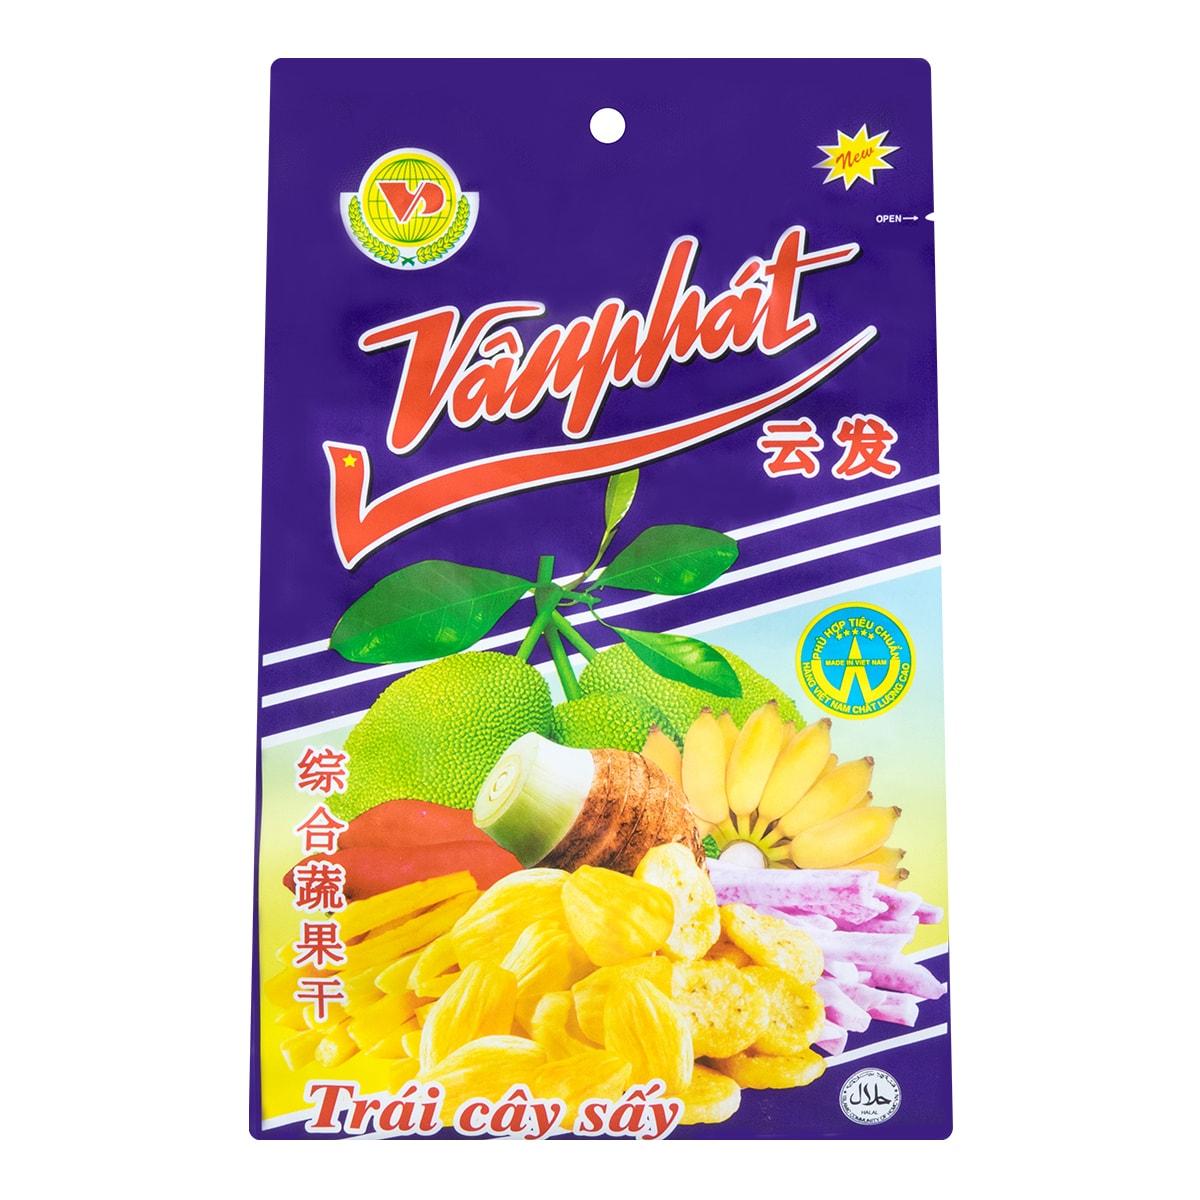 越南VANPHAT云发 混合综合蔬果干 250g 越南特产